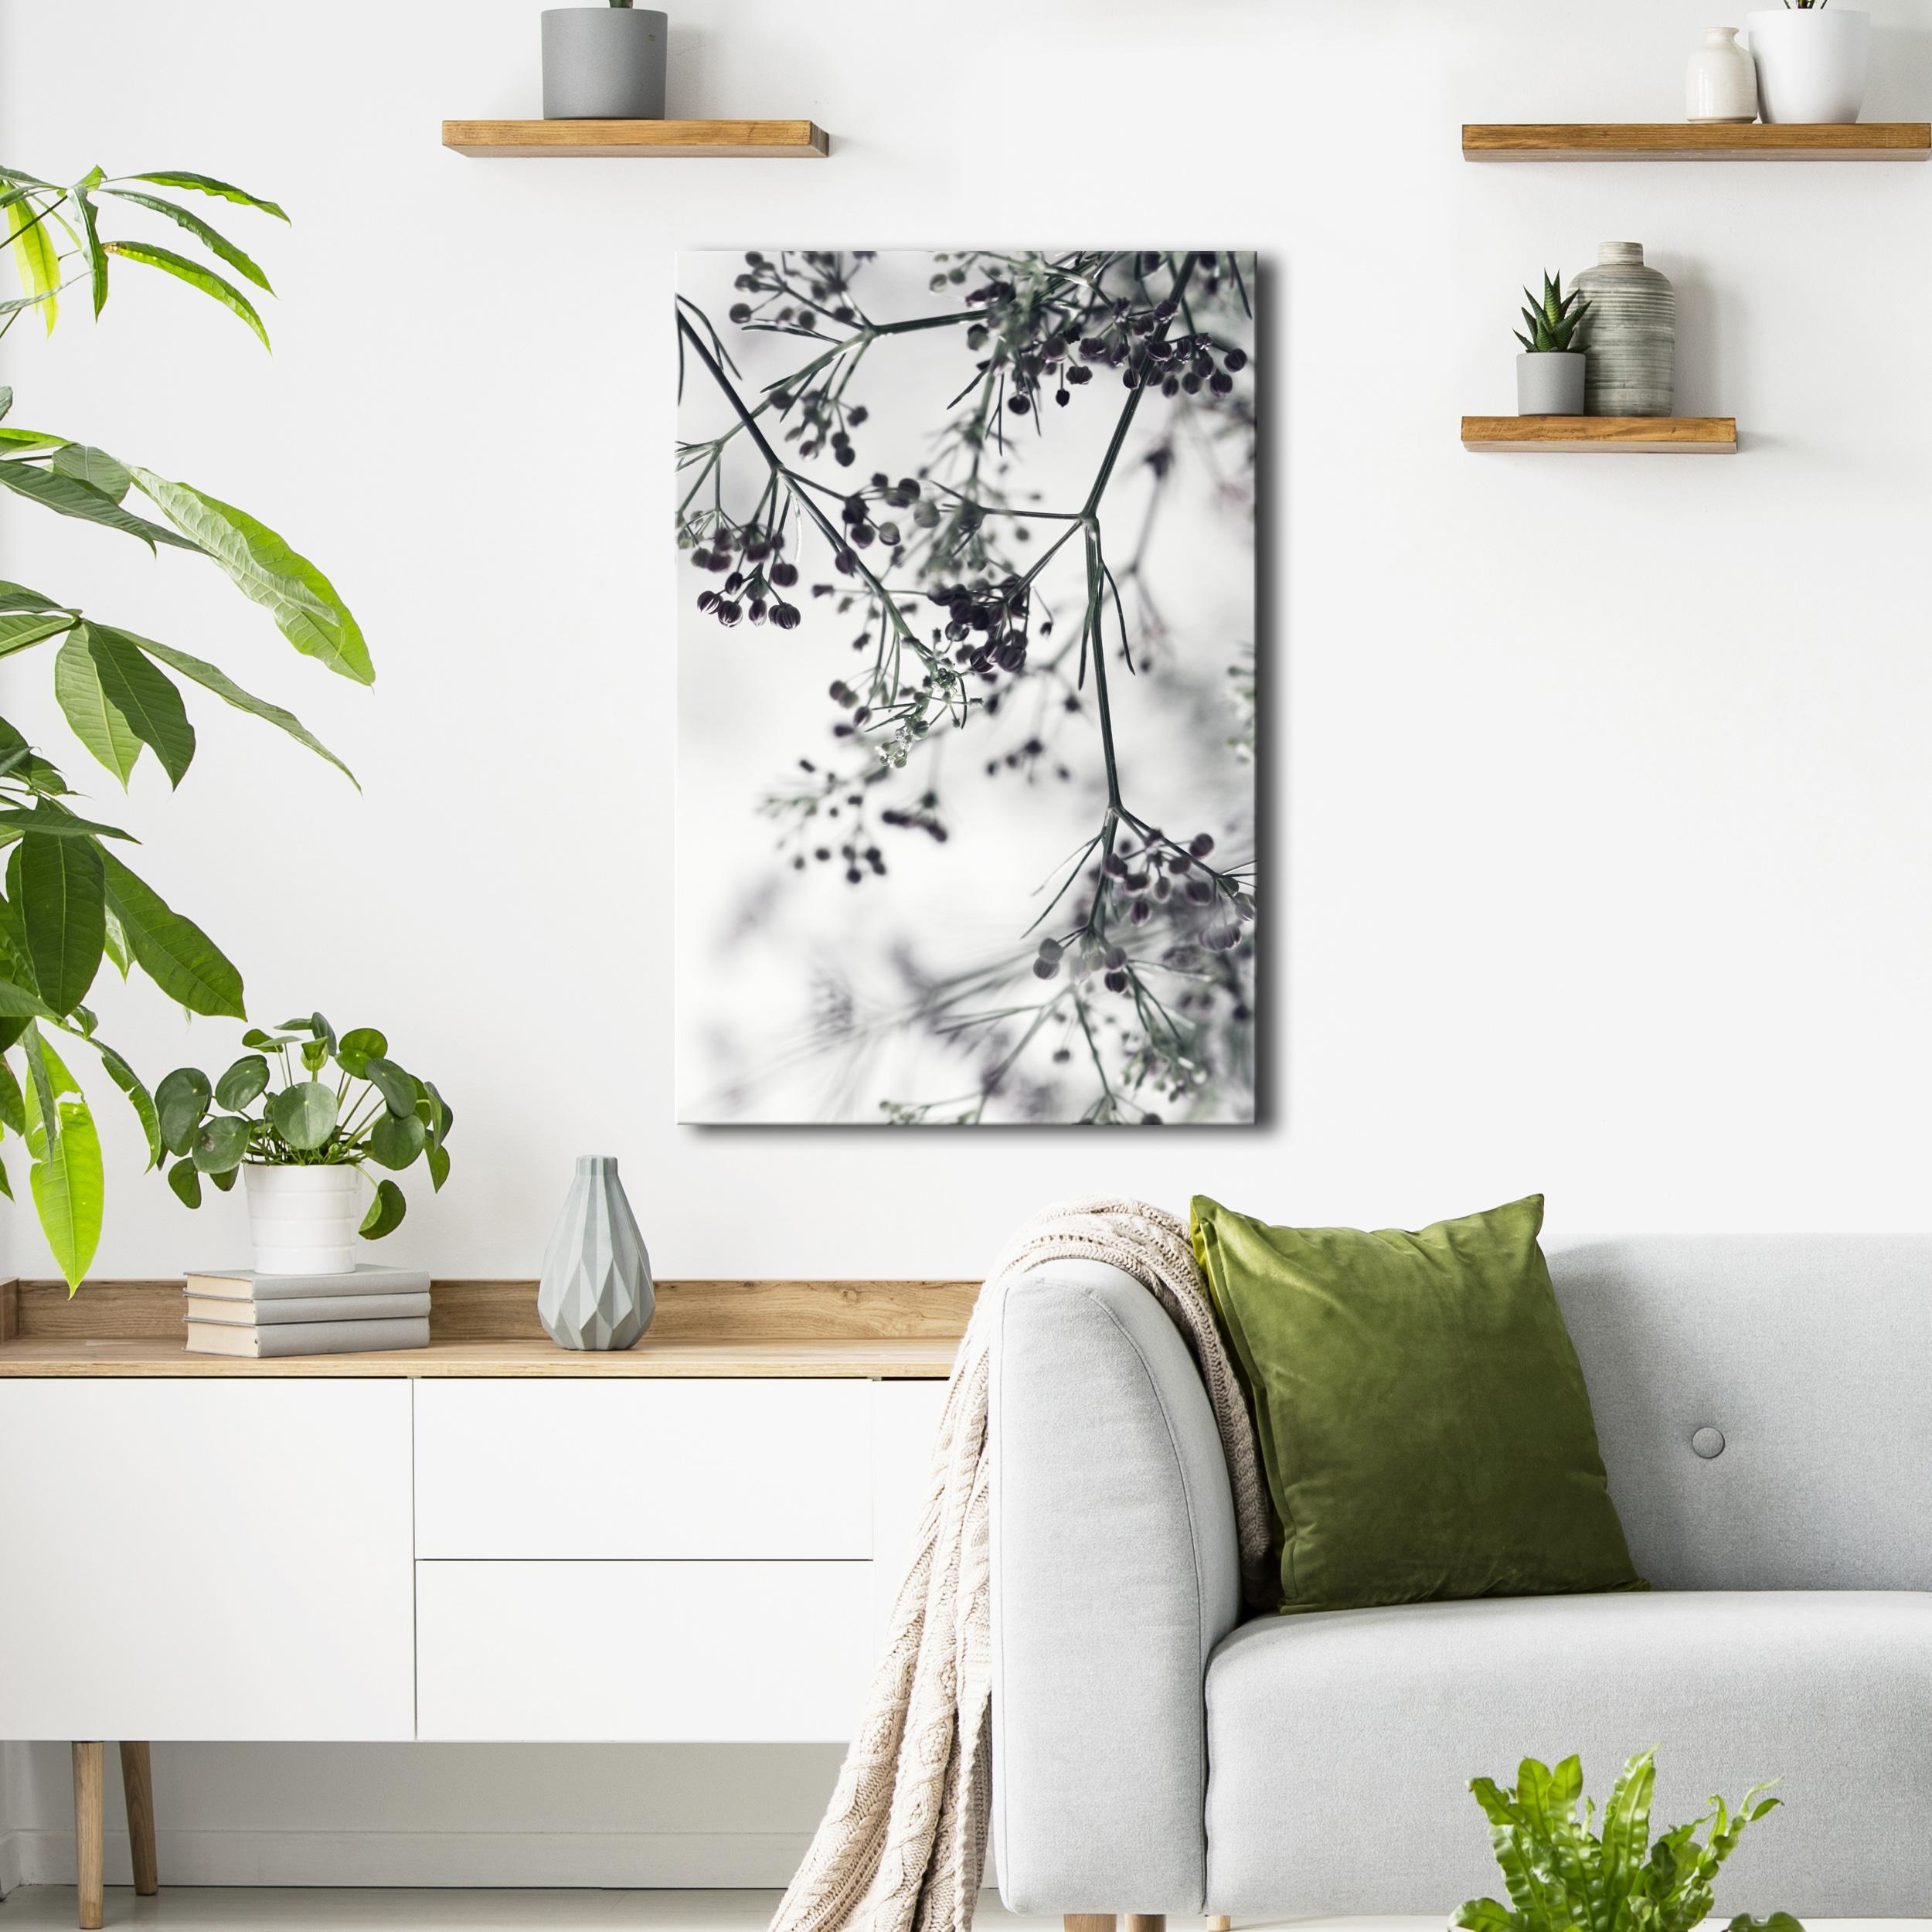 LEINWAND BILDER Natur Pflanzen Ornament Nordische schwarz weiß WANDBILDER XXL